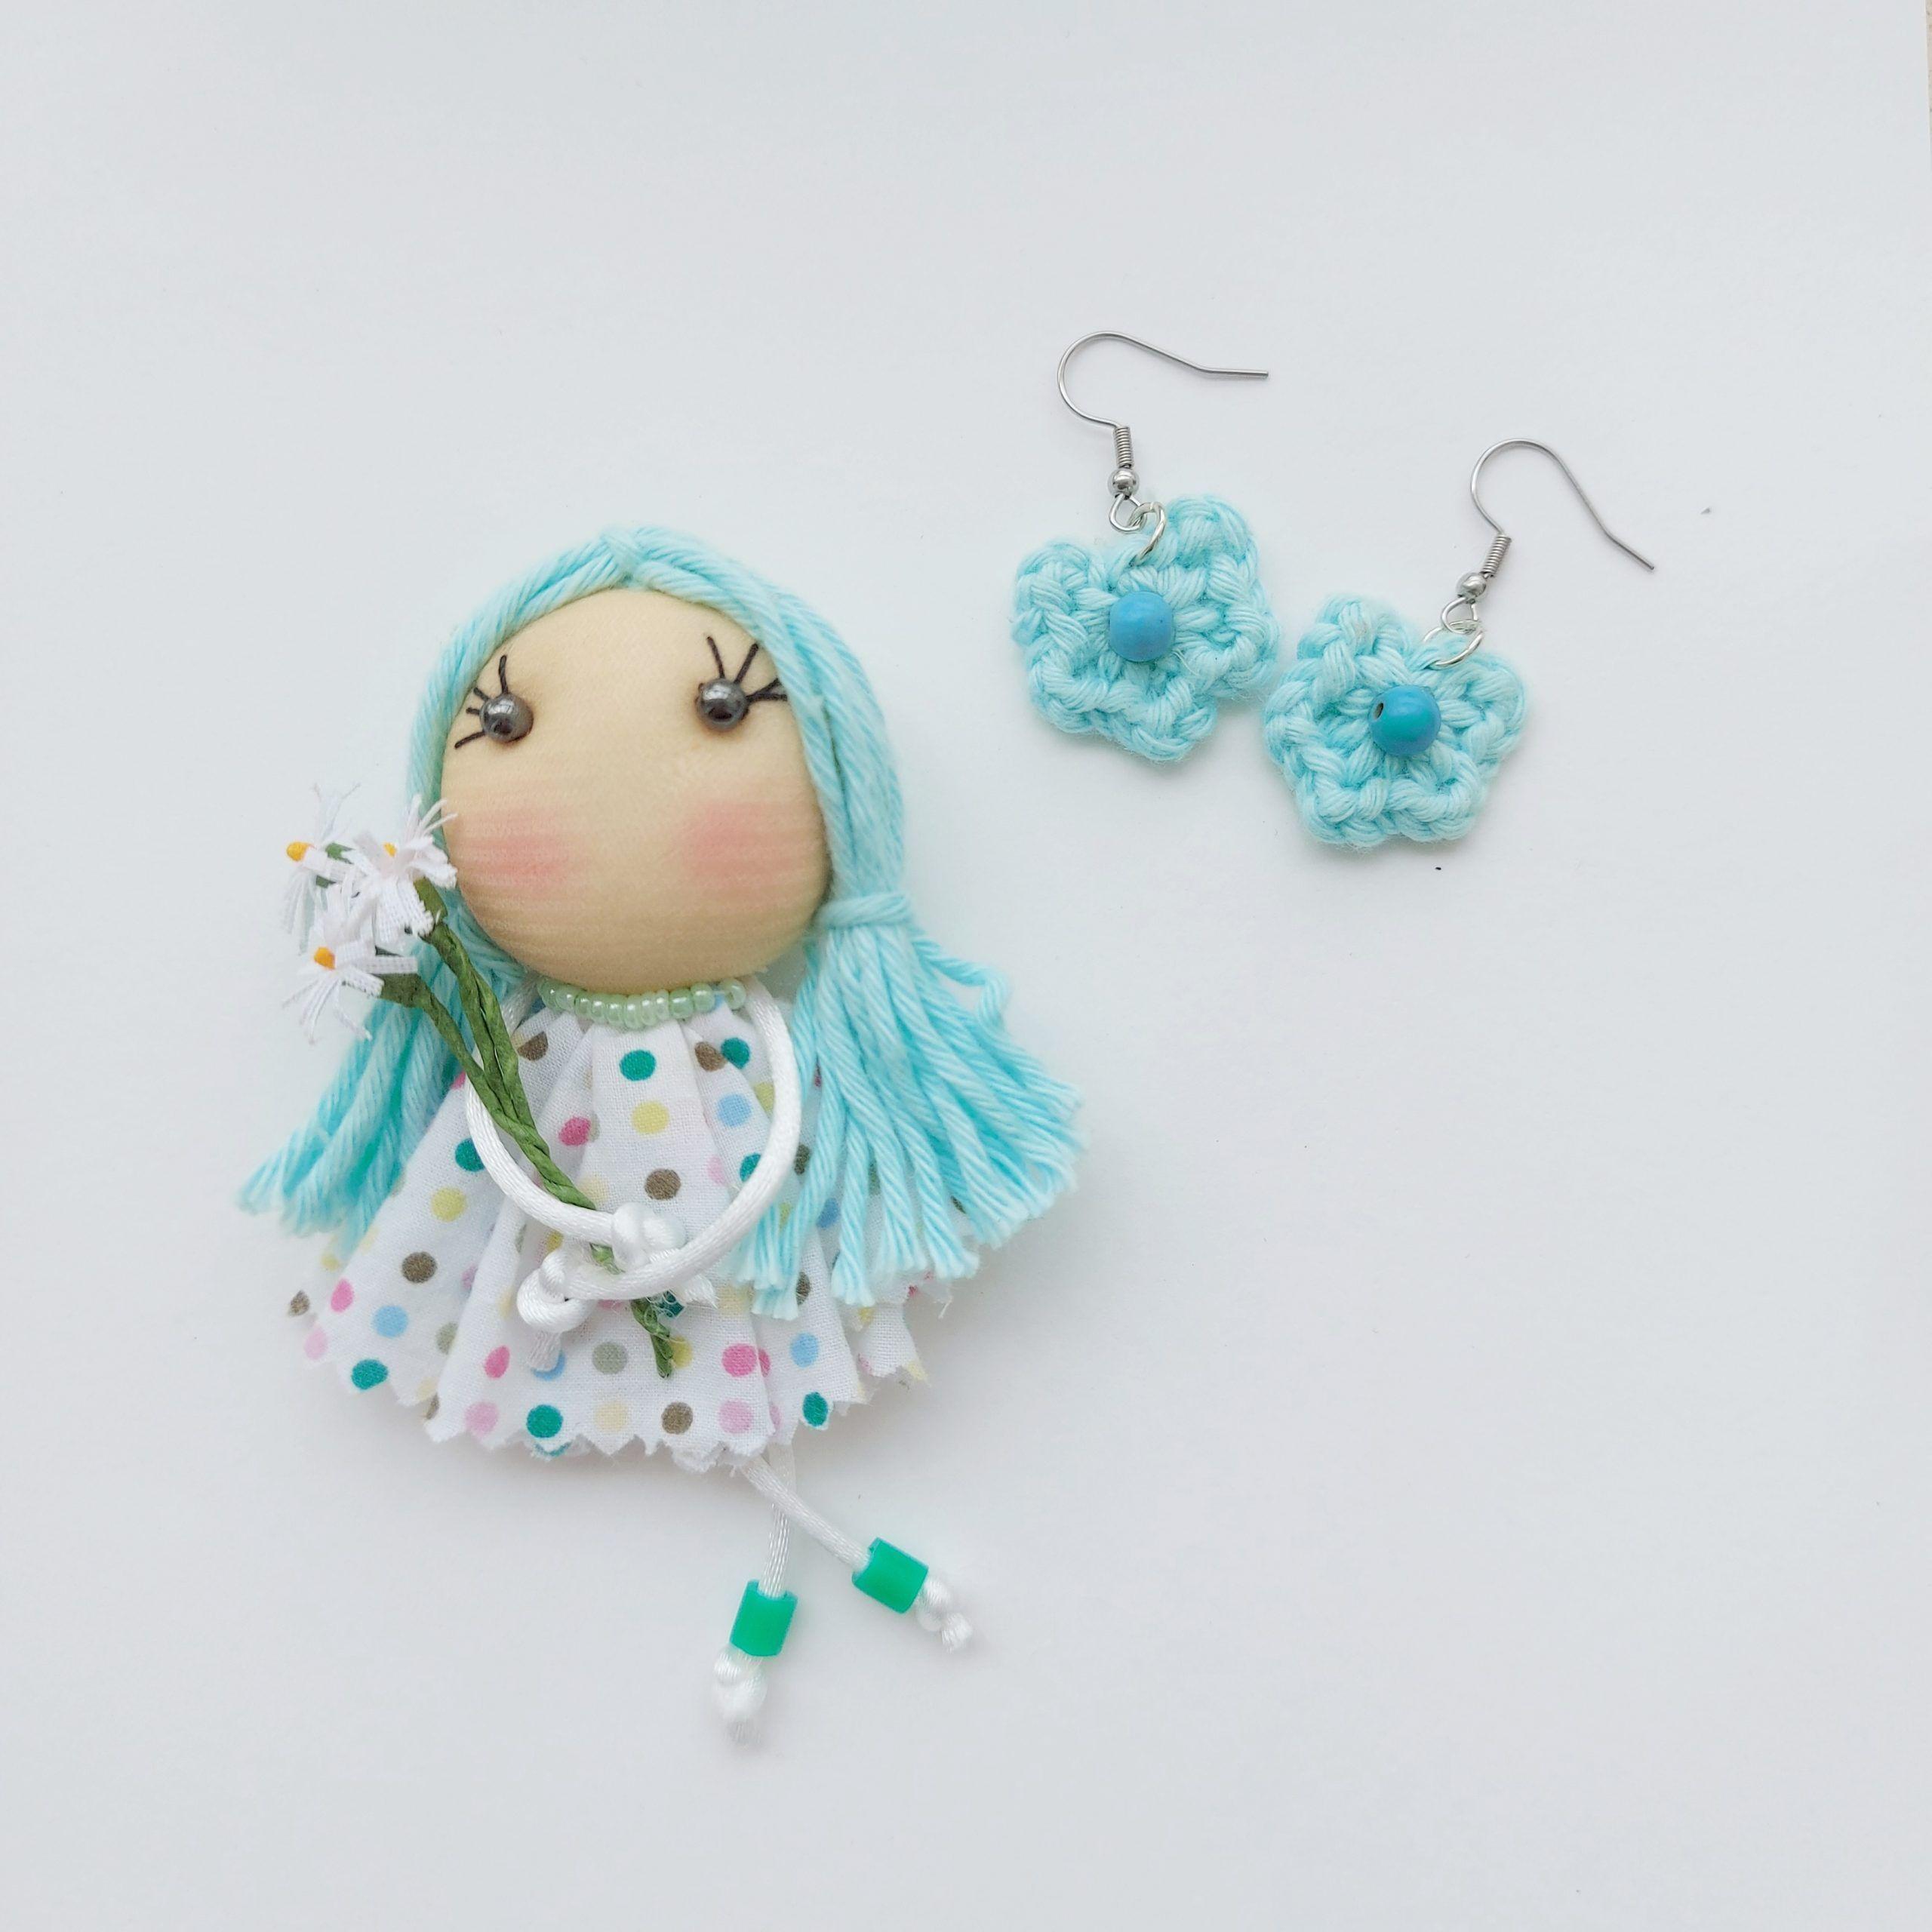 Broche muñeca primavera aguamarina